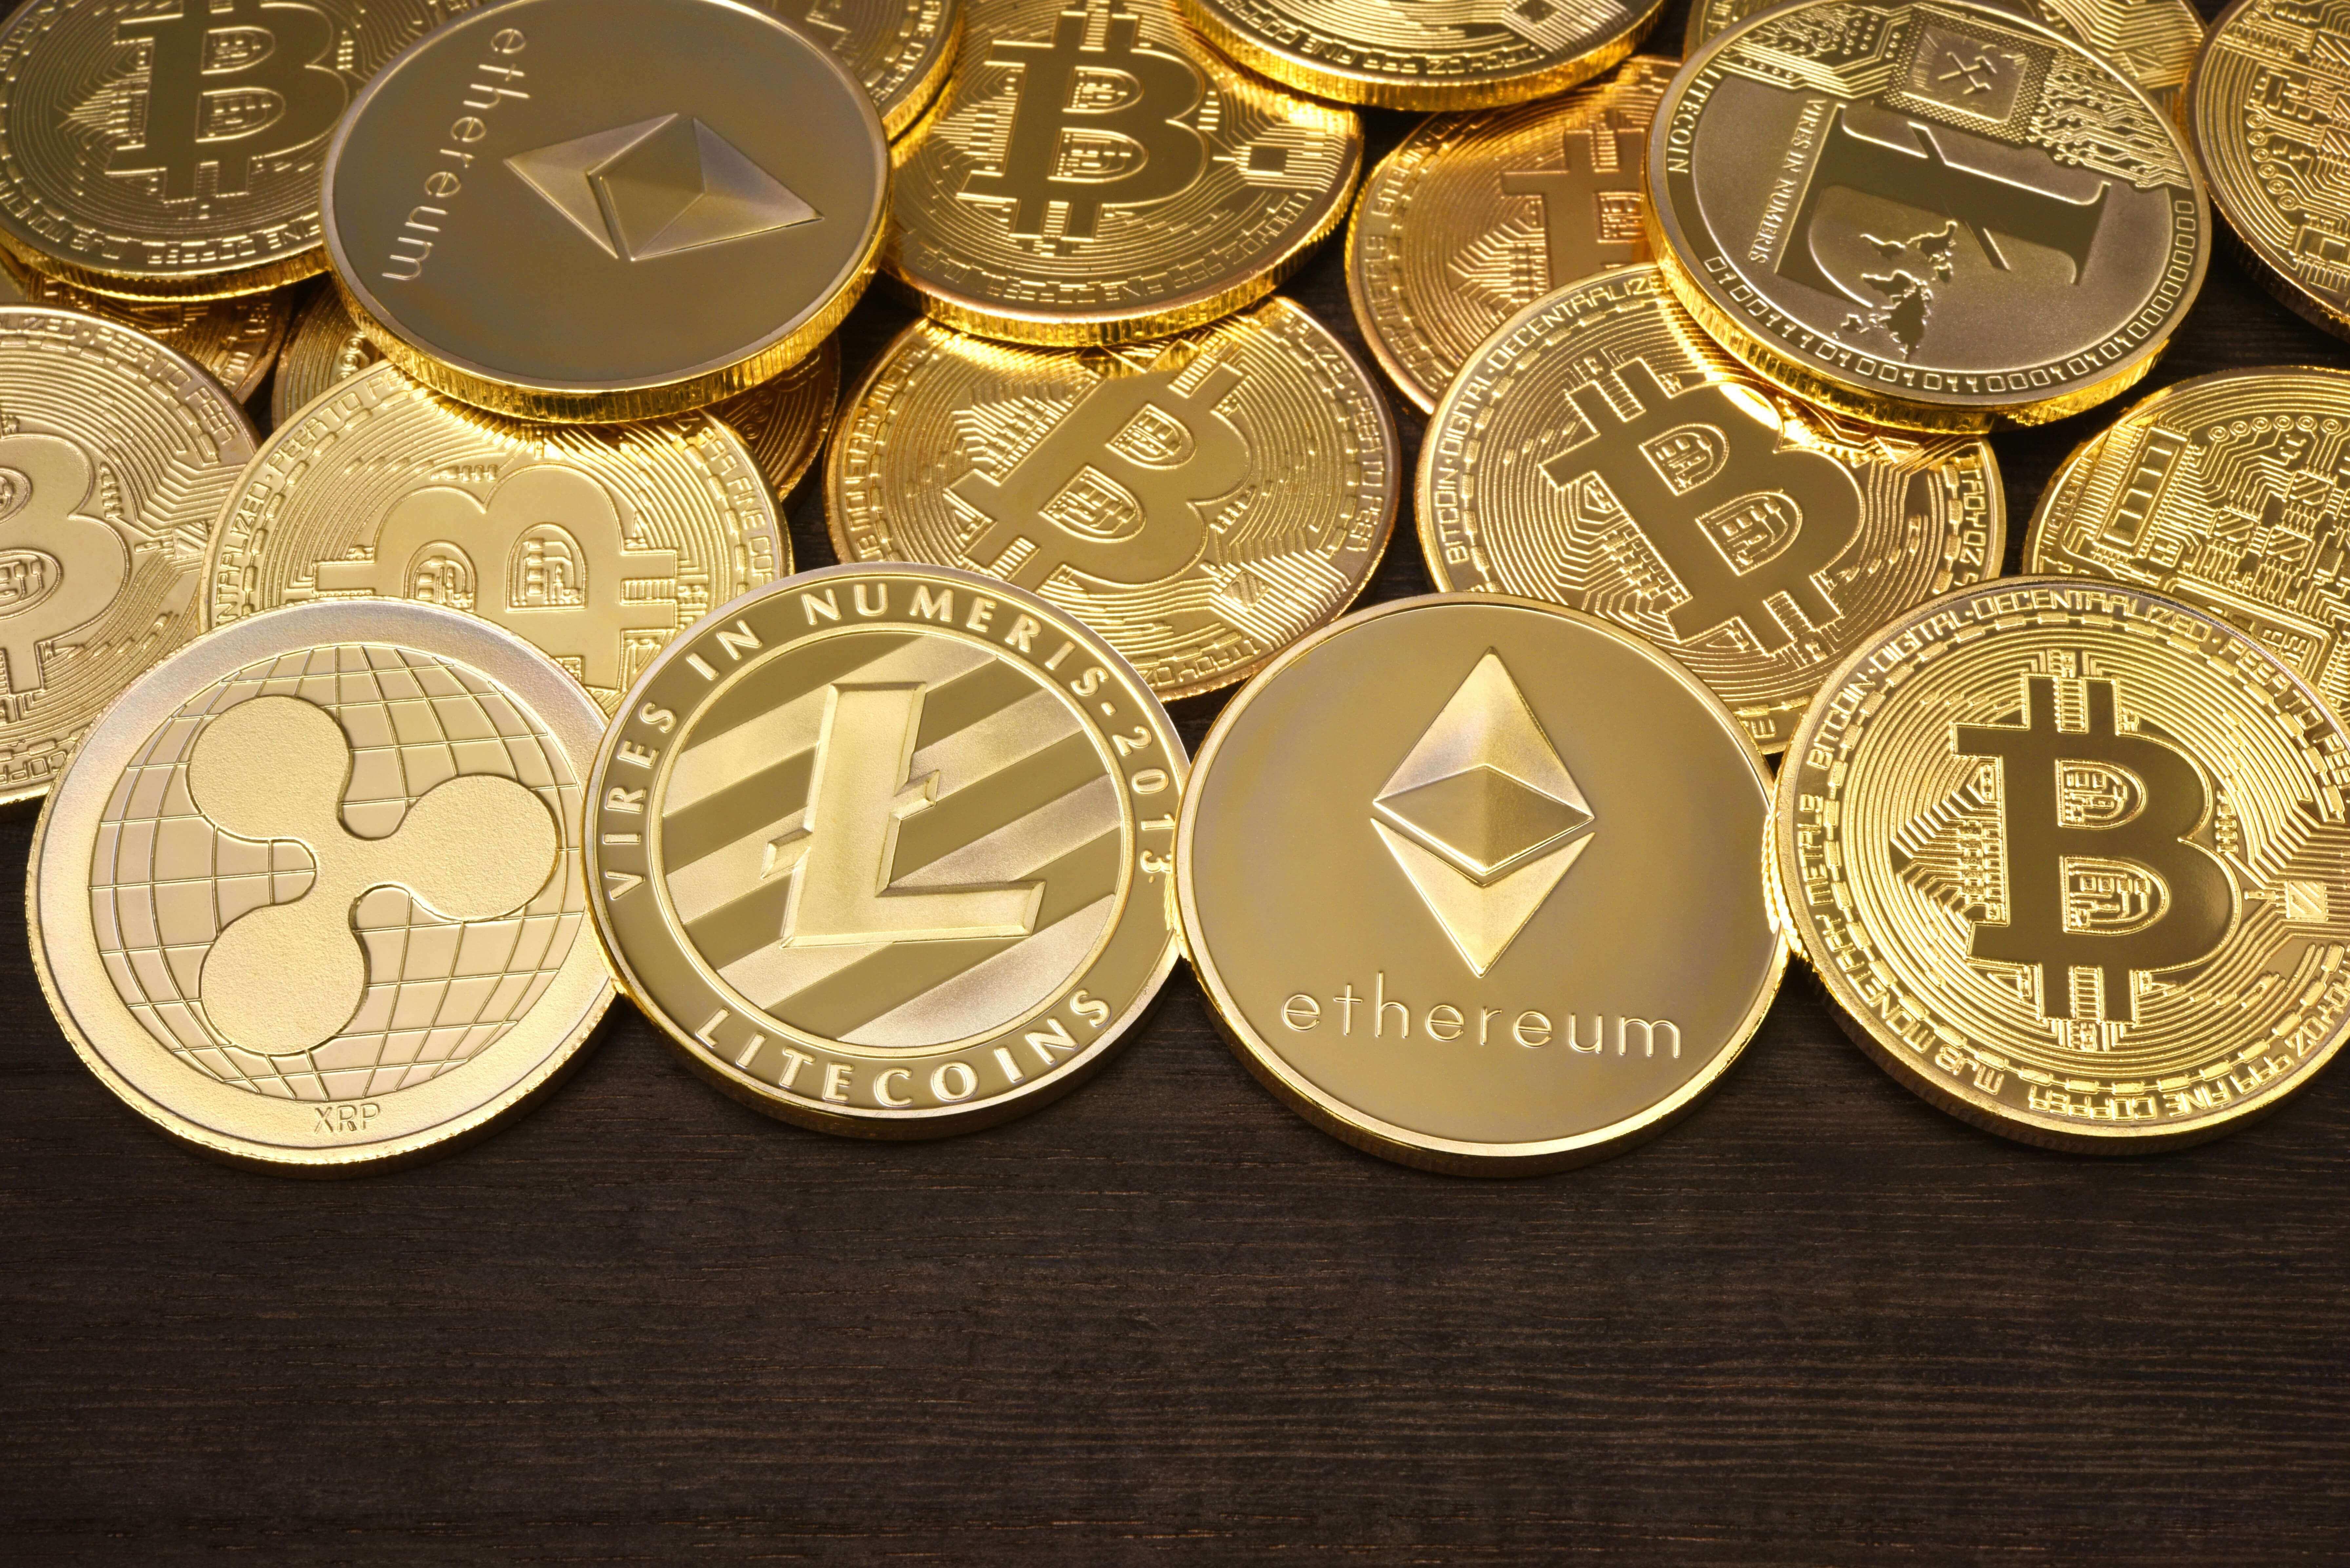 おすすめの仮想通貨は?日本の取引所で買える通貨10選